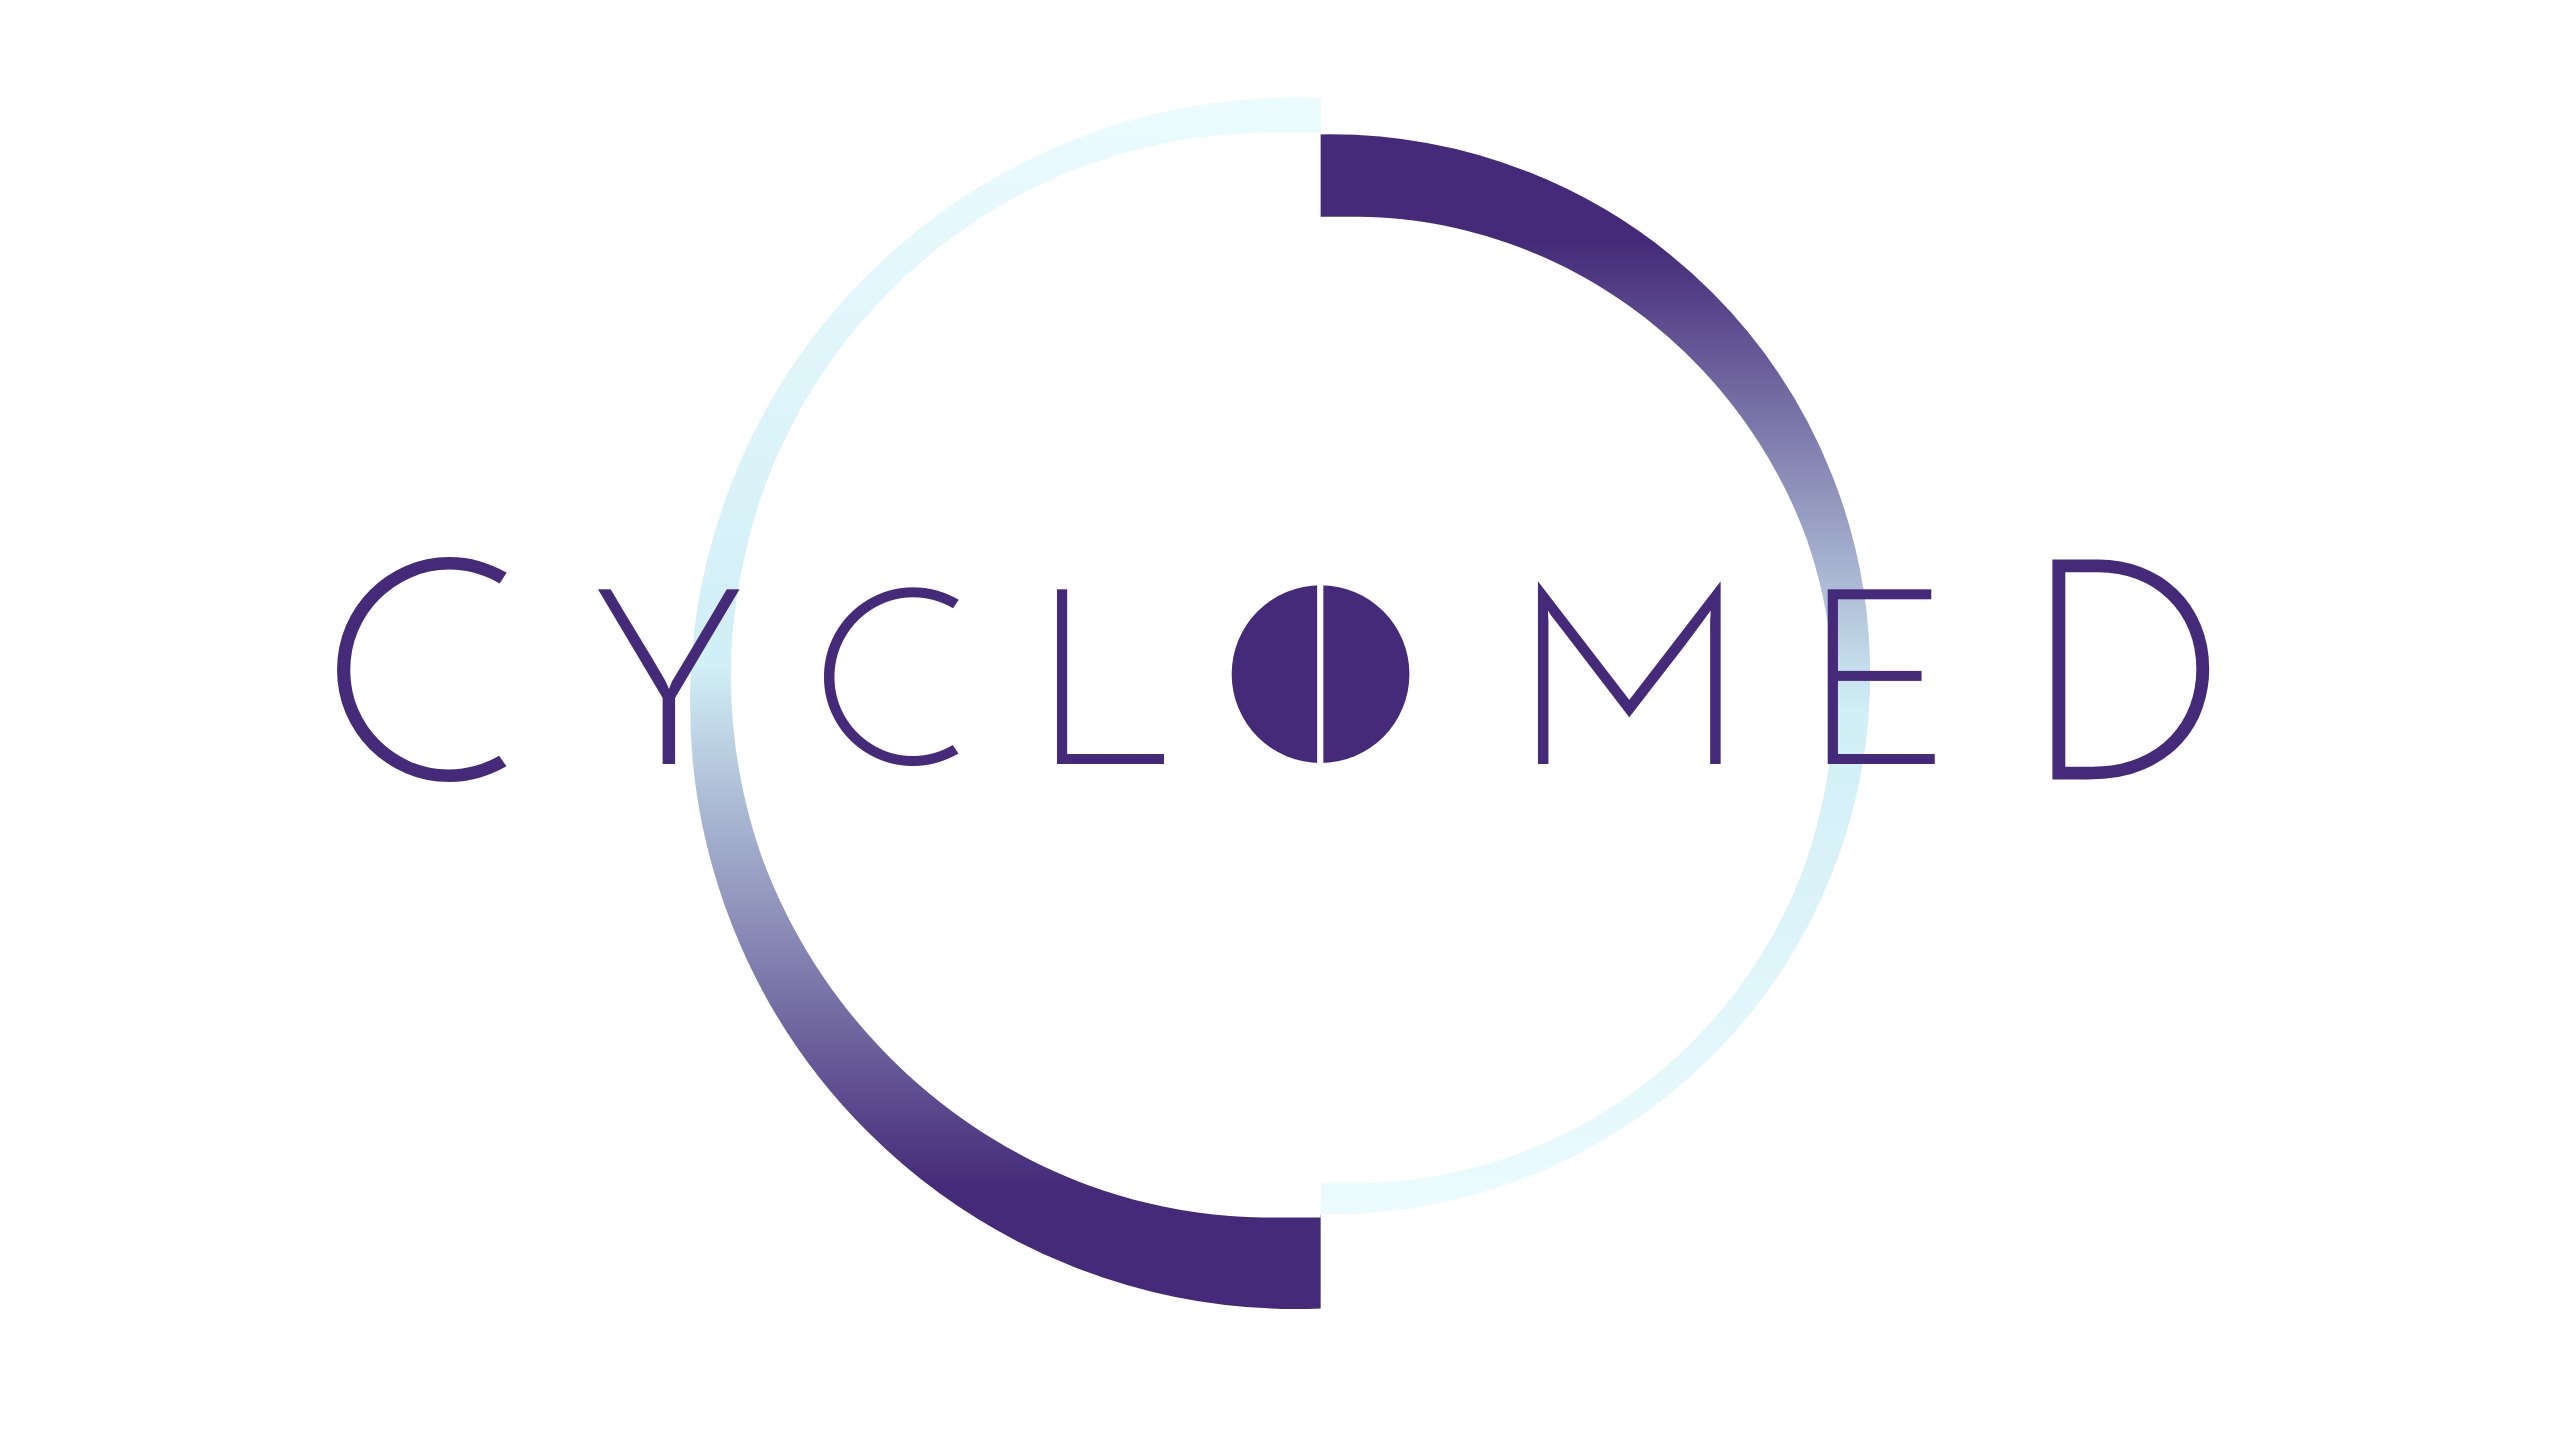 Logo of CycloMed